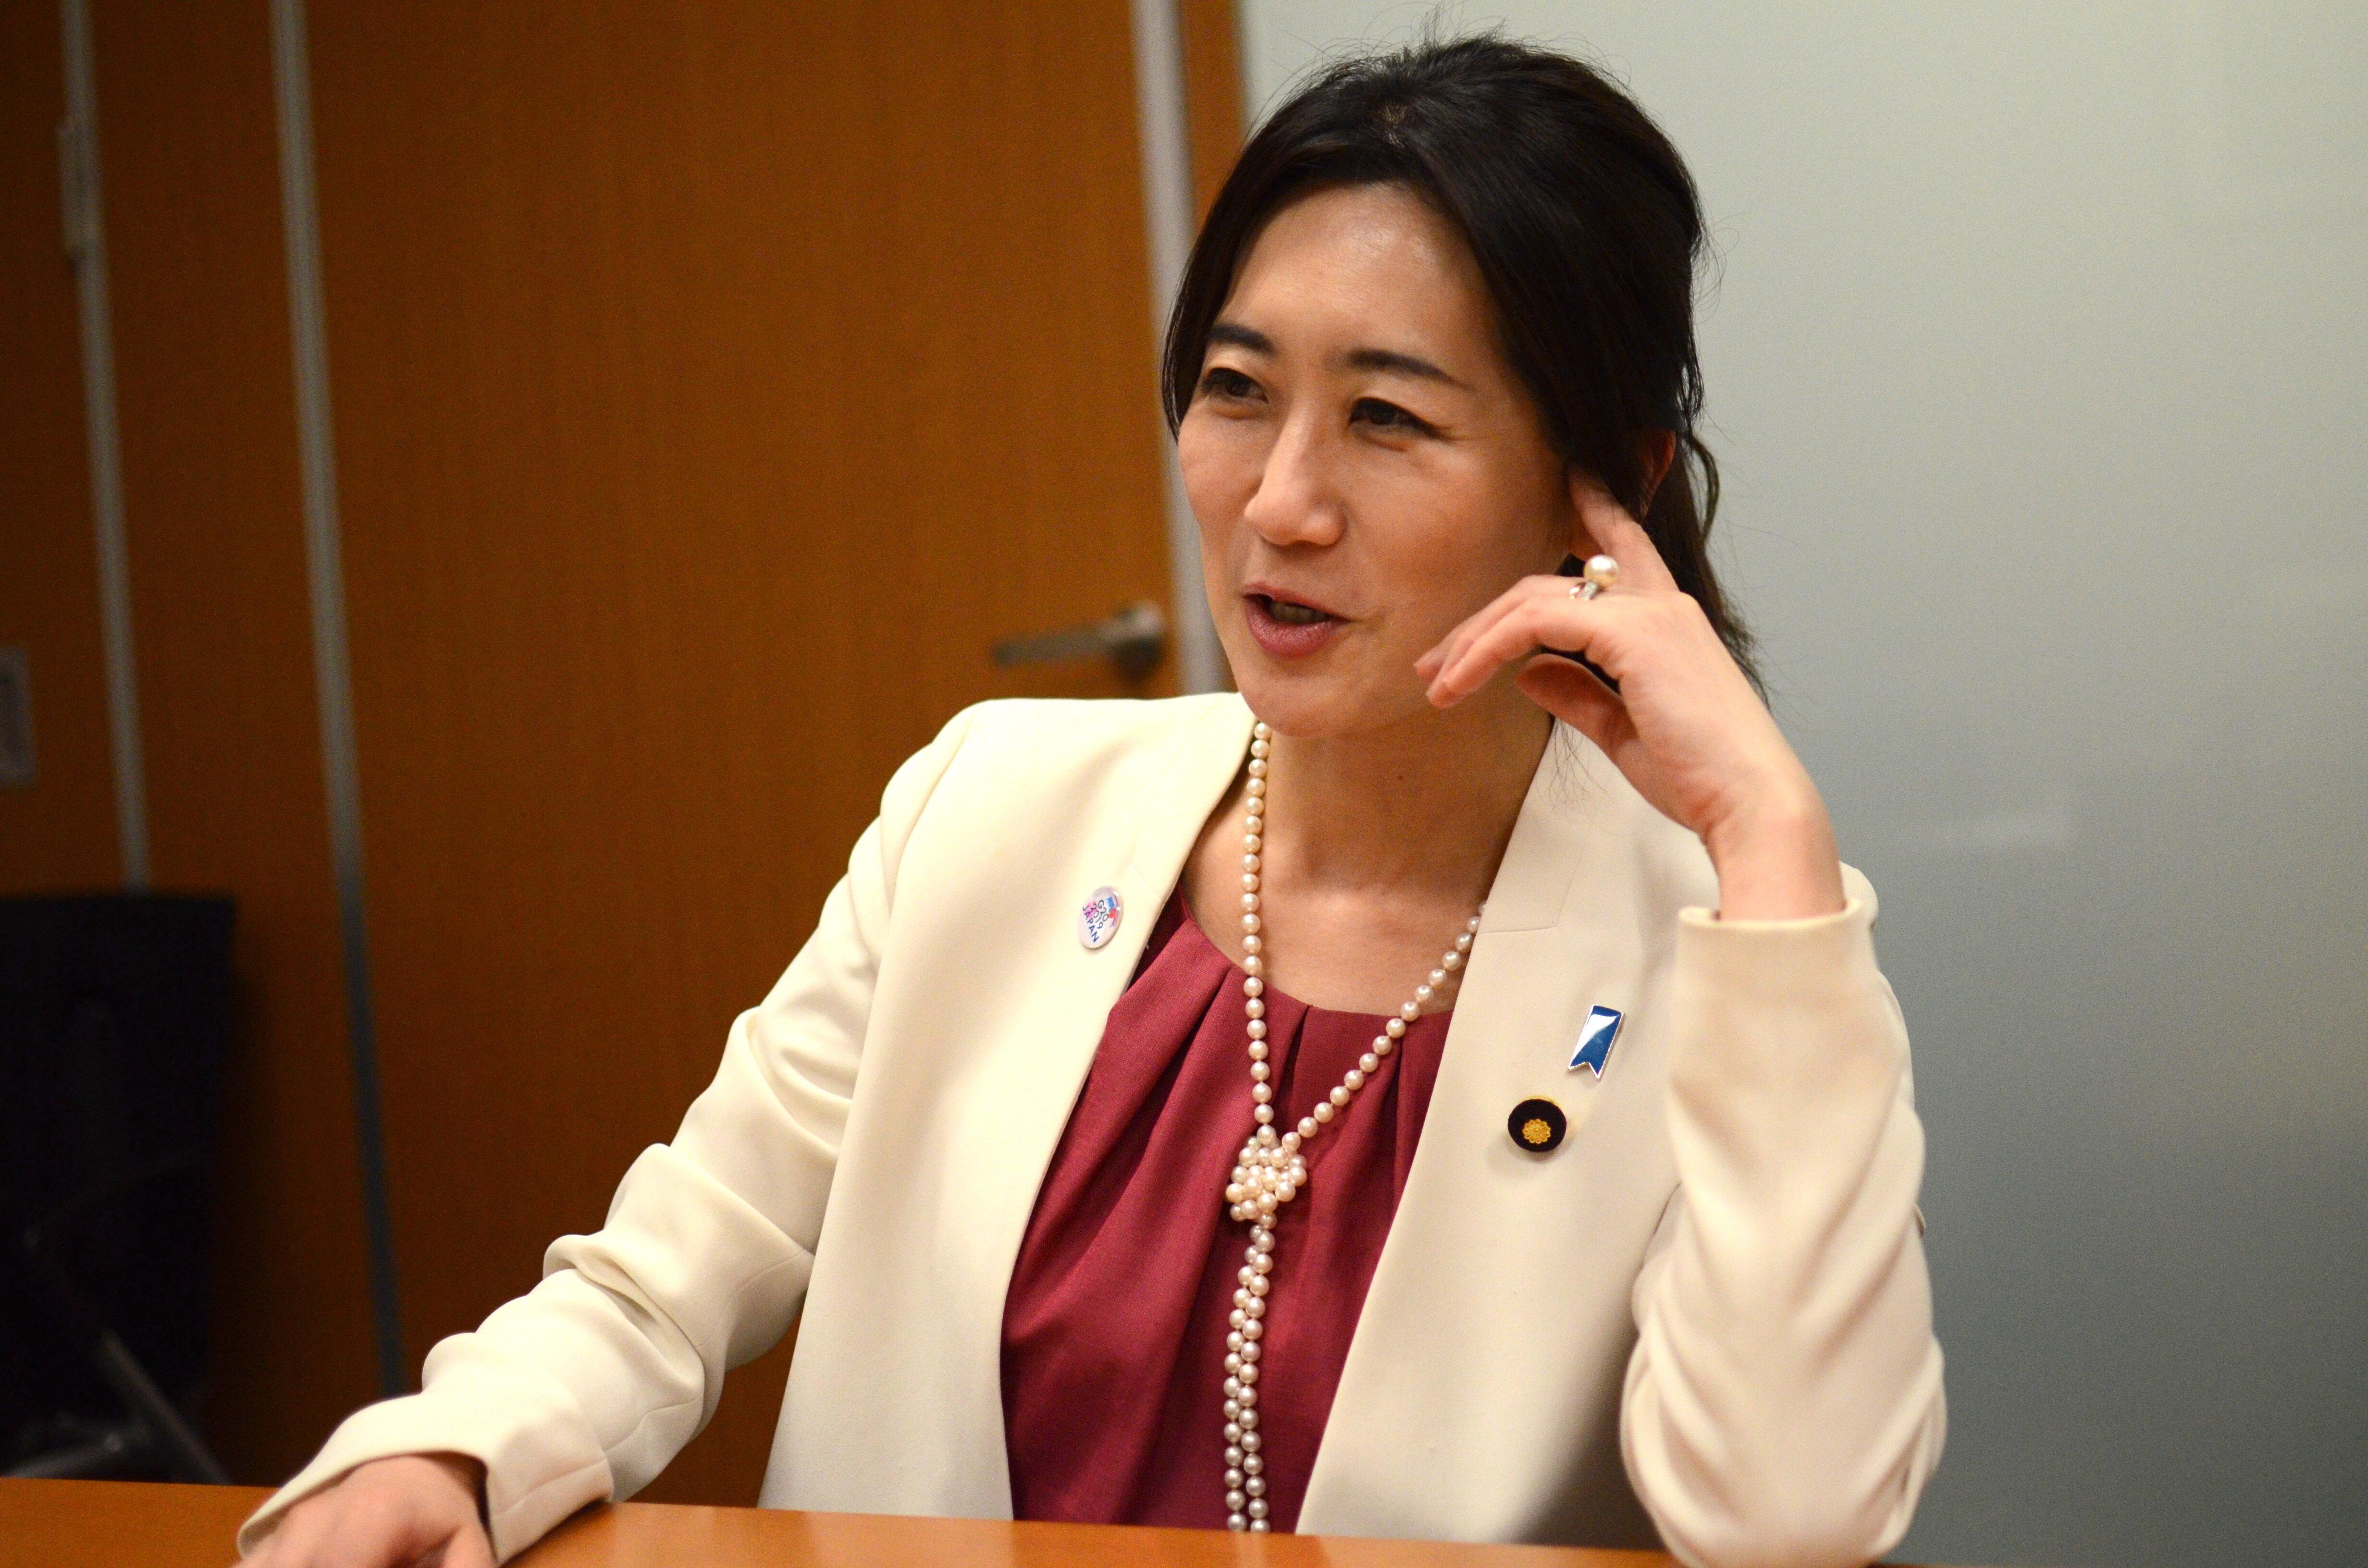 「これじゃ日本の女性は輝けない」